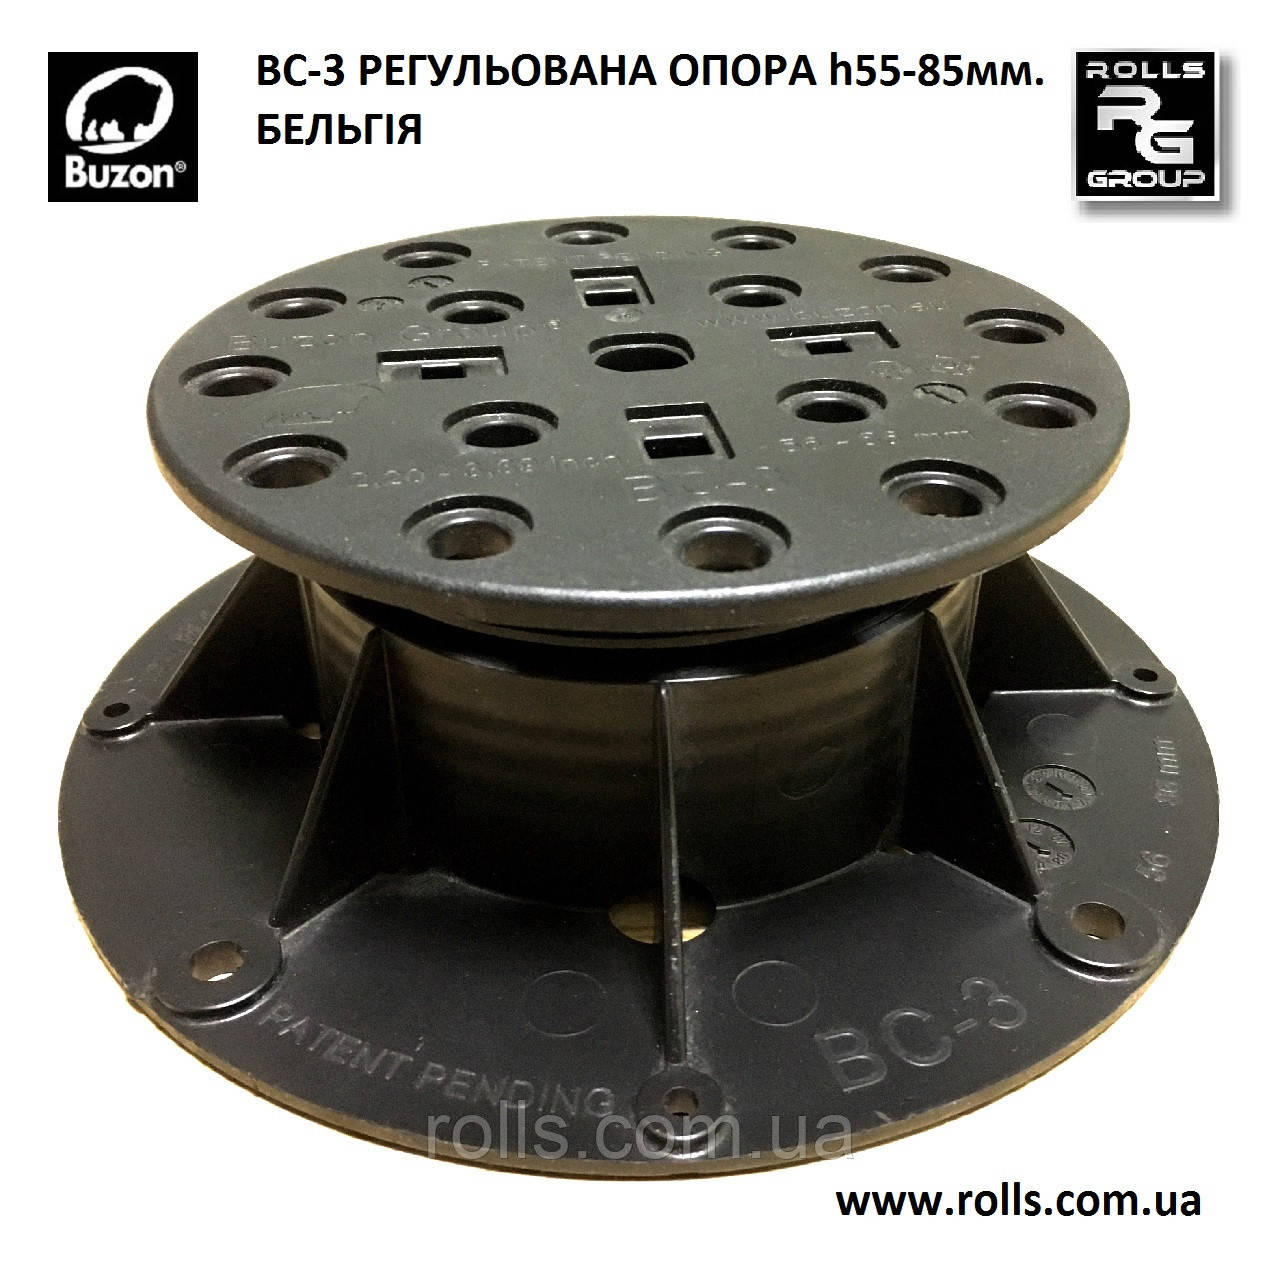 Buzon BC-3 Винтовая опора регулируемая высота 55-85мм Опоры для террасных плит сложной формы. Фонтан на опорах